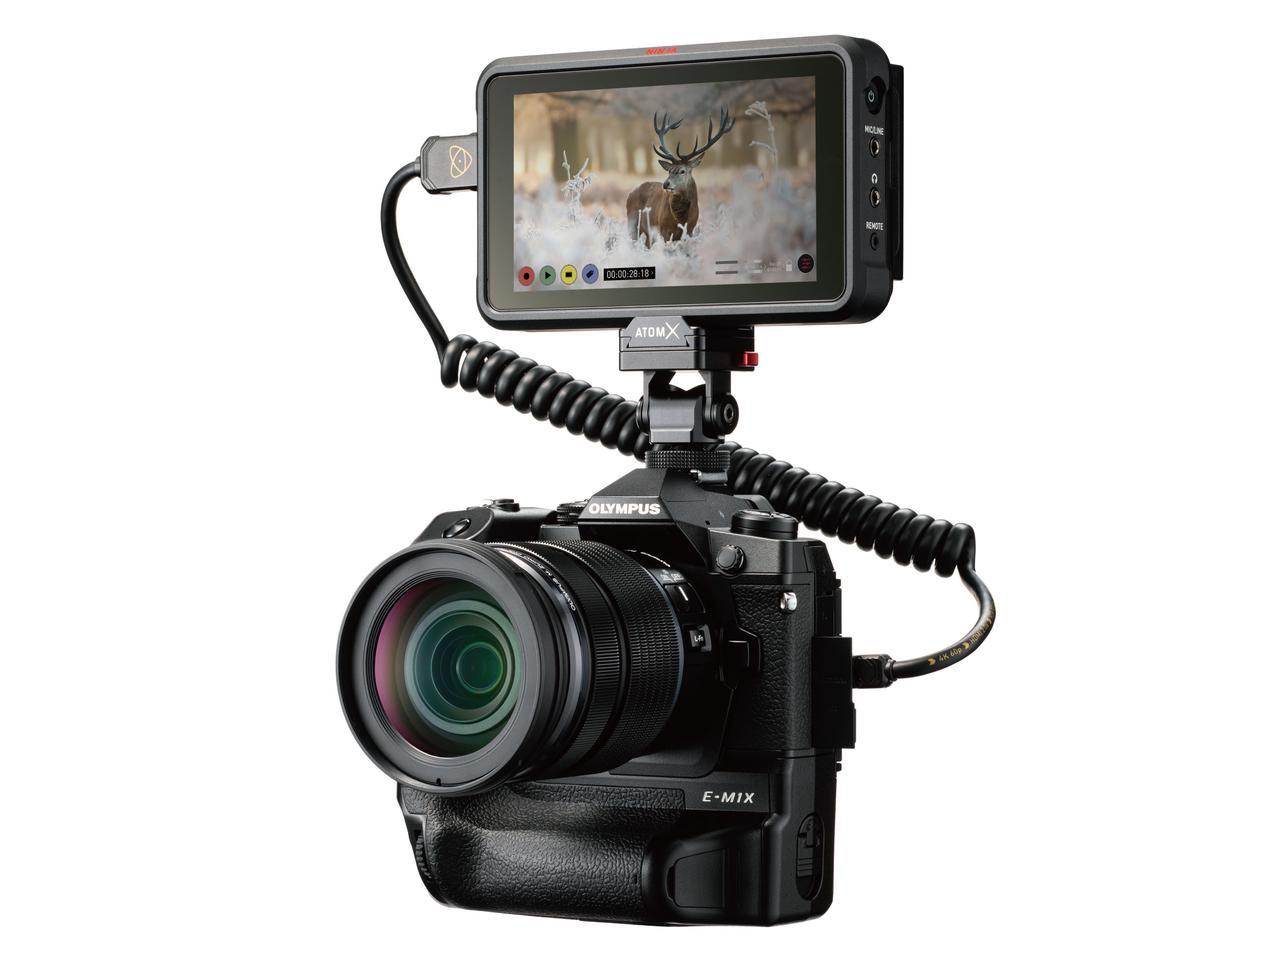 画像: ATOMOS社製 HDRモニター/レコーダー「NINJA V」への動画 RAWデータ出力に対応する。